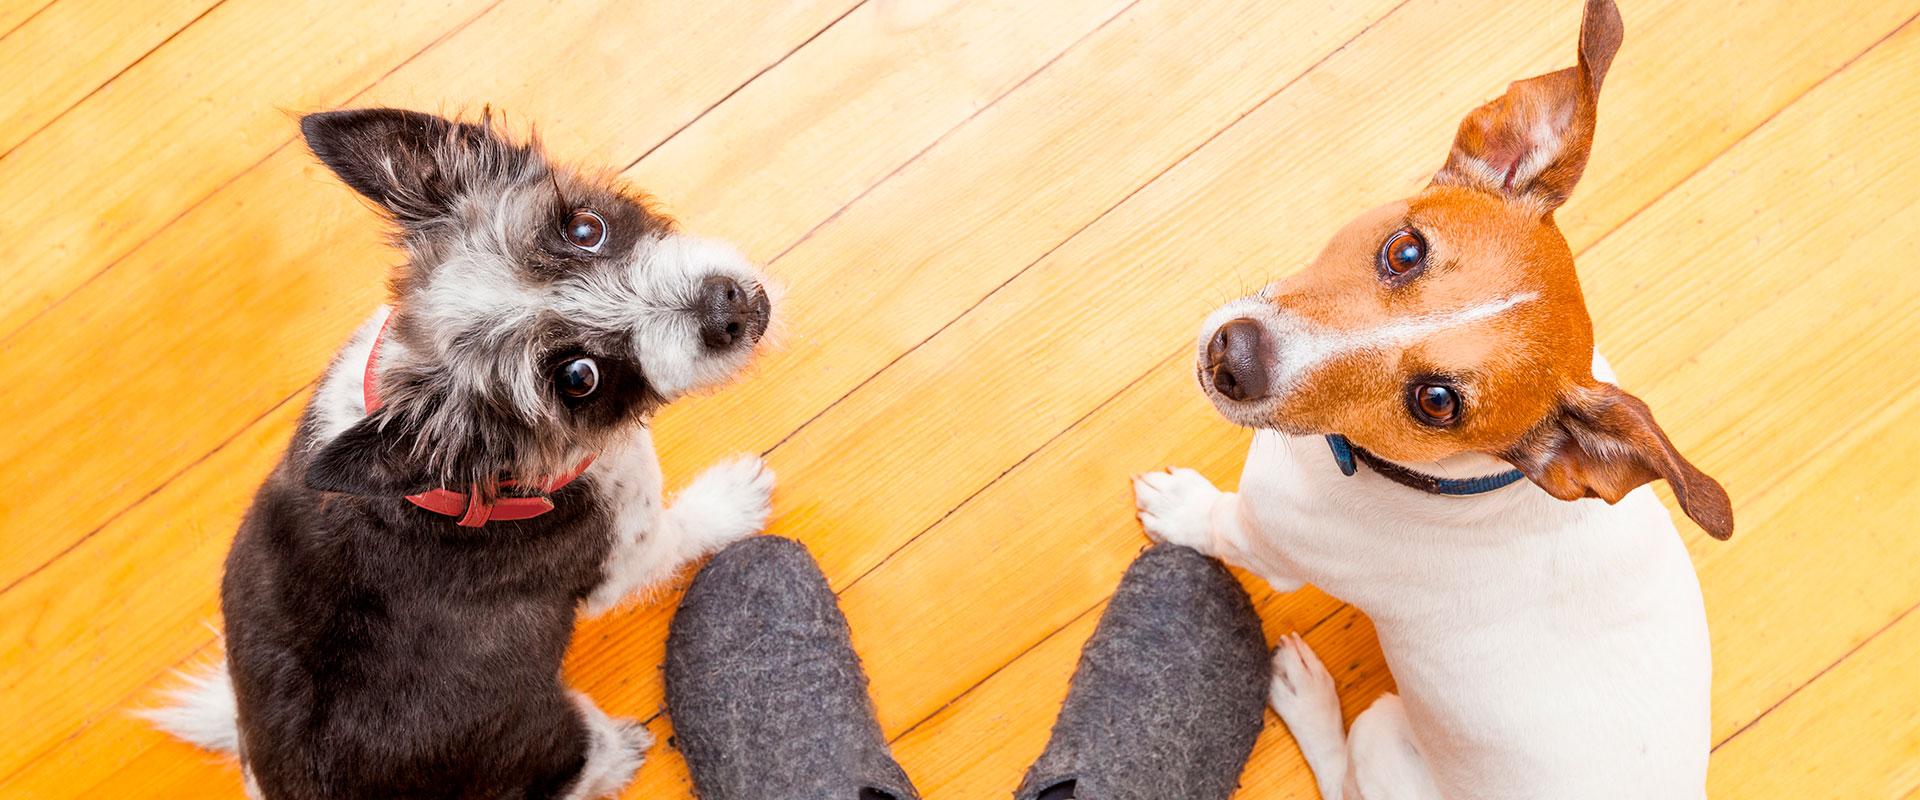 Perritos viendo a su dueño.